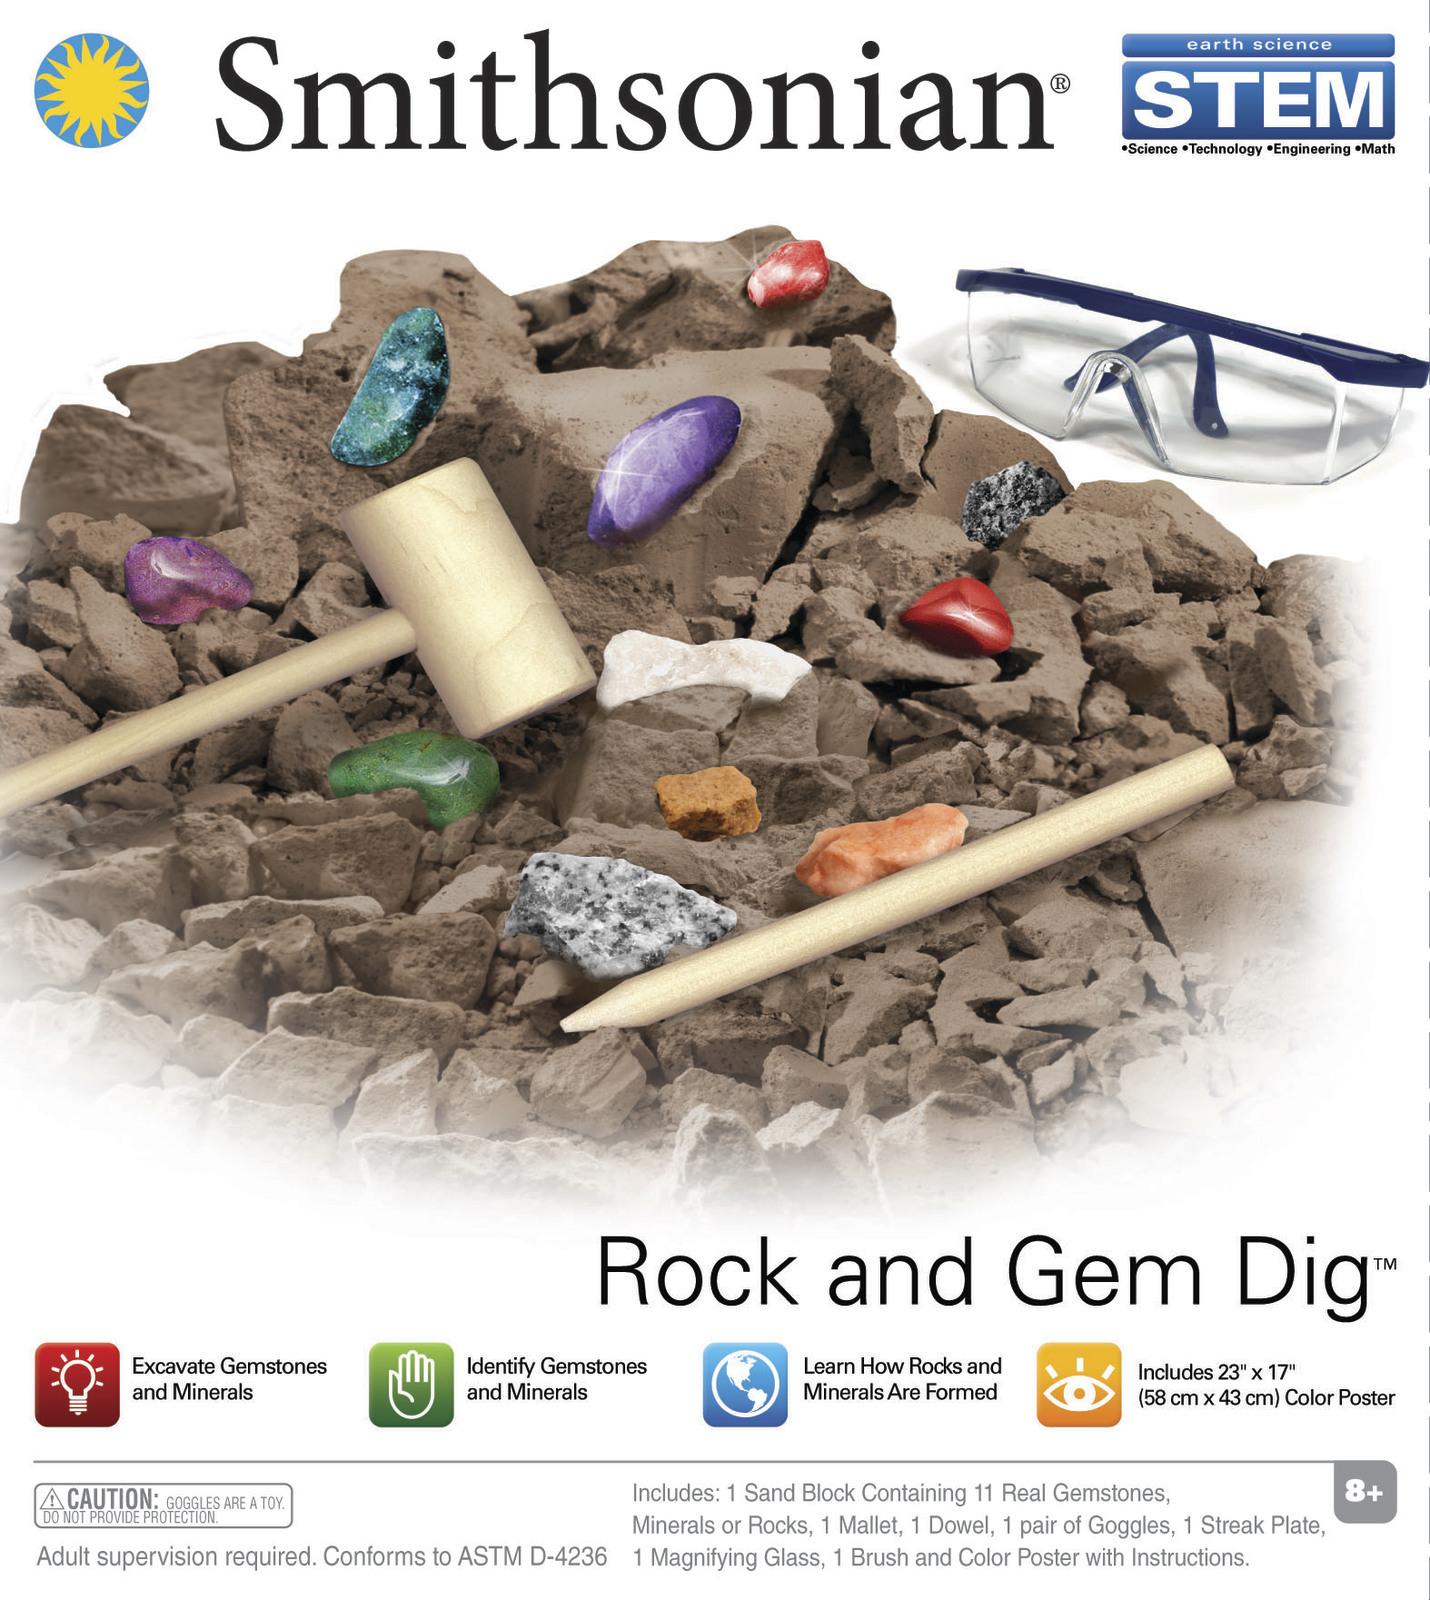 Smithsonian: Rock & Gem Dig image